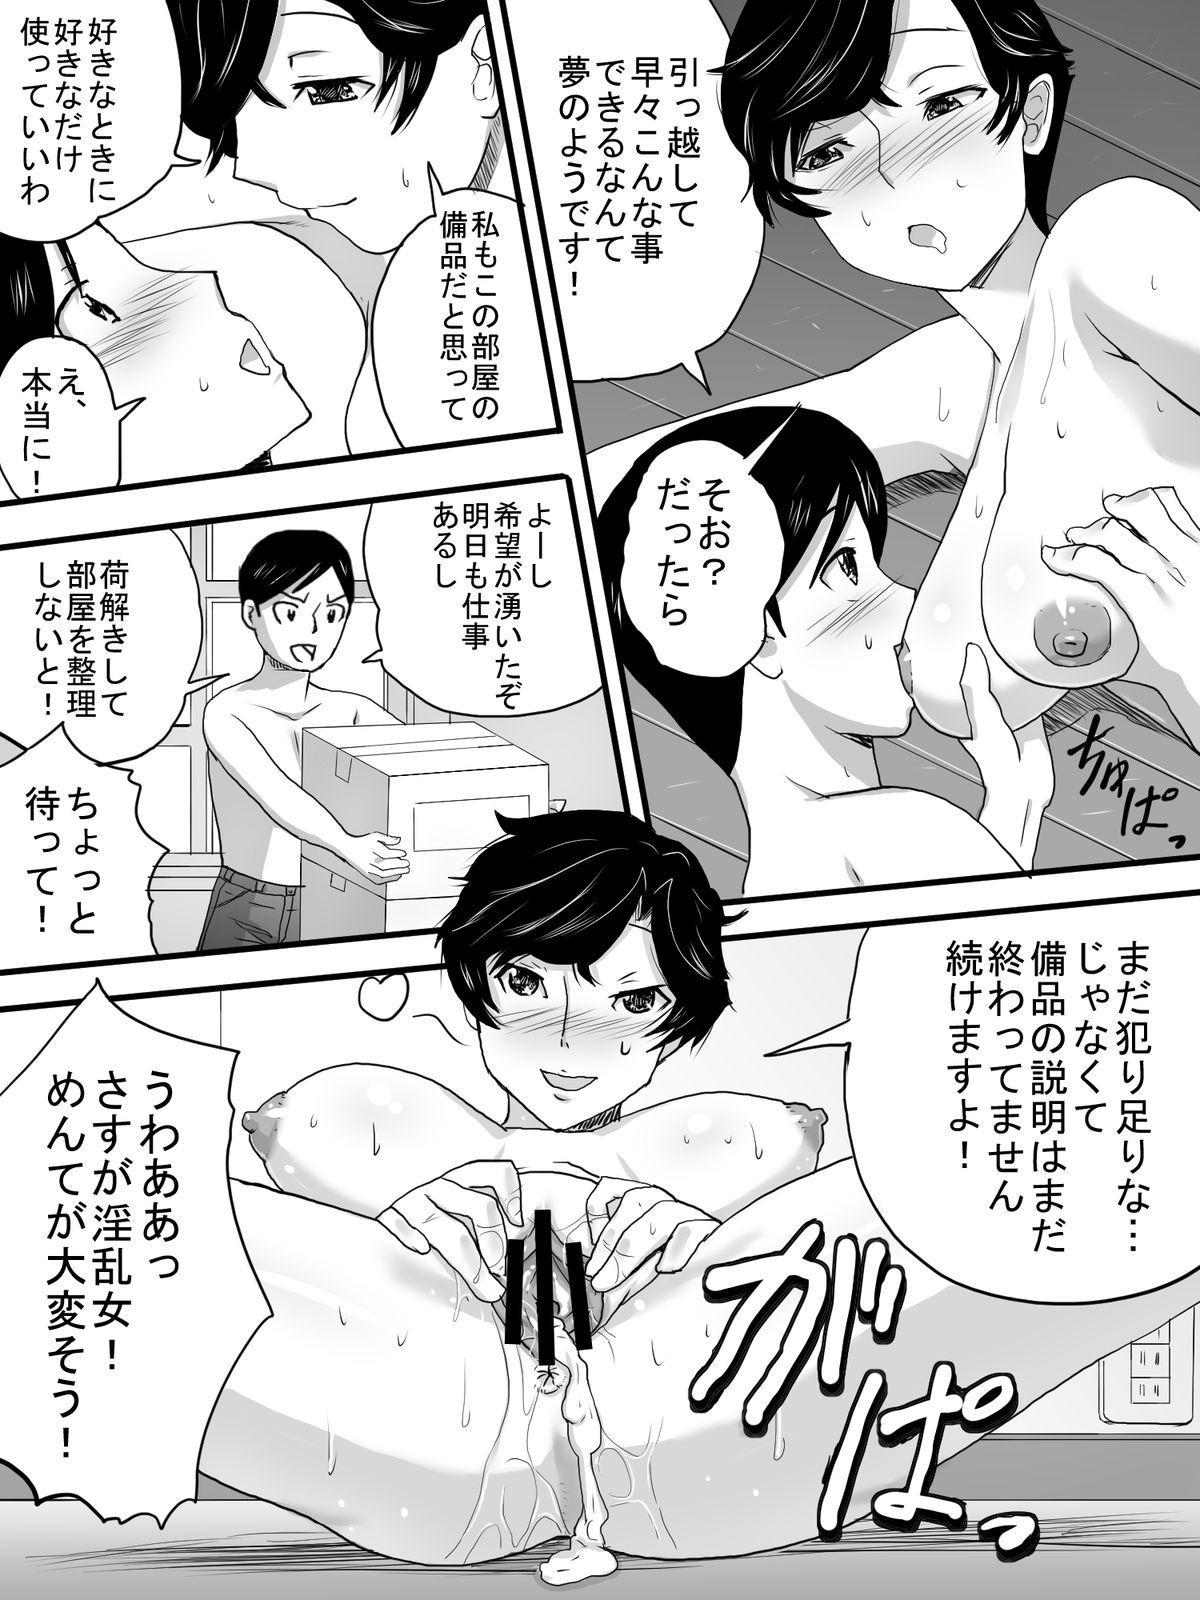 Kanrinin-san wa Bihin 30